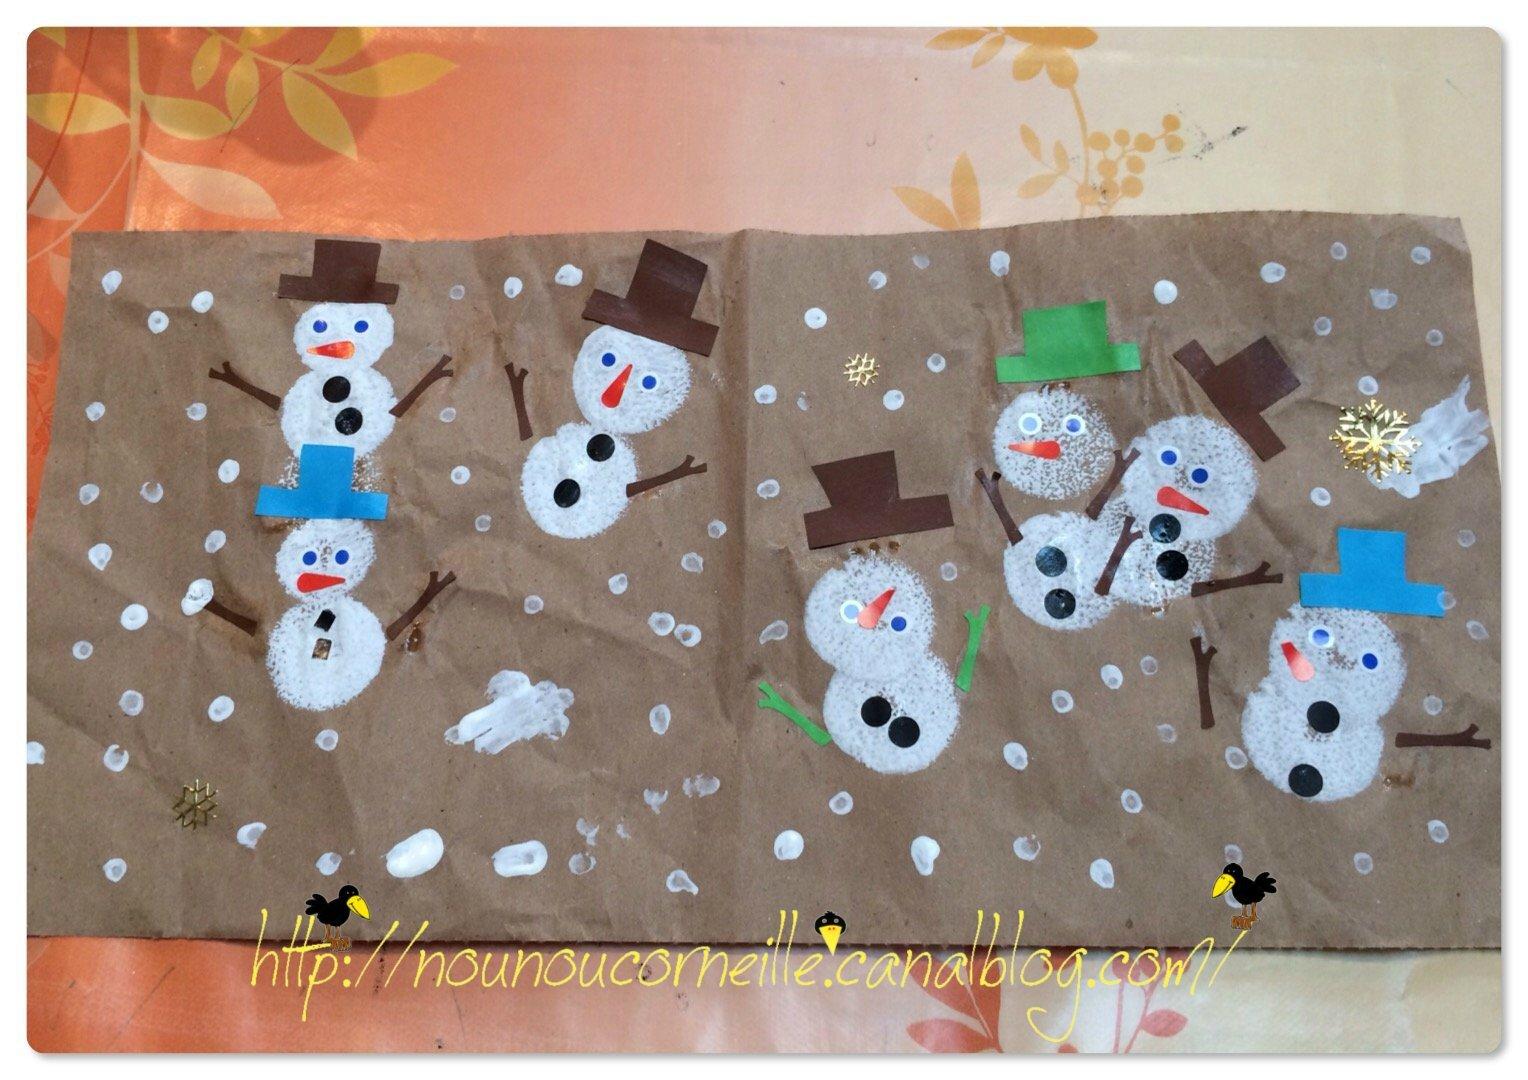 Bonhommes de neige d'Ethan 01/2015